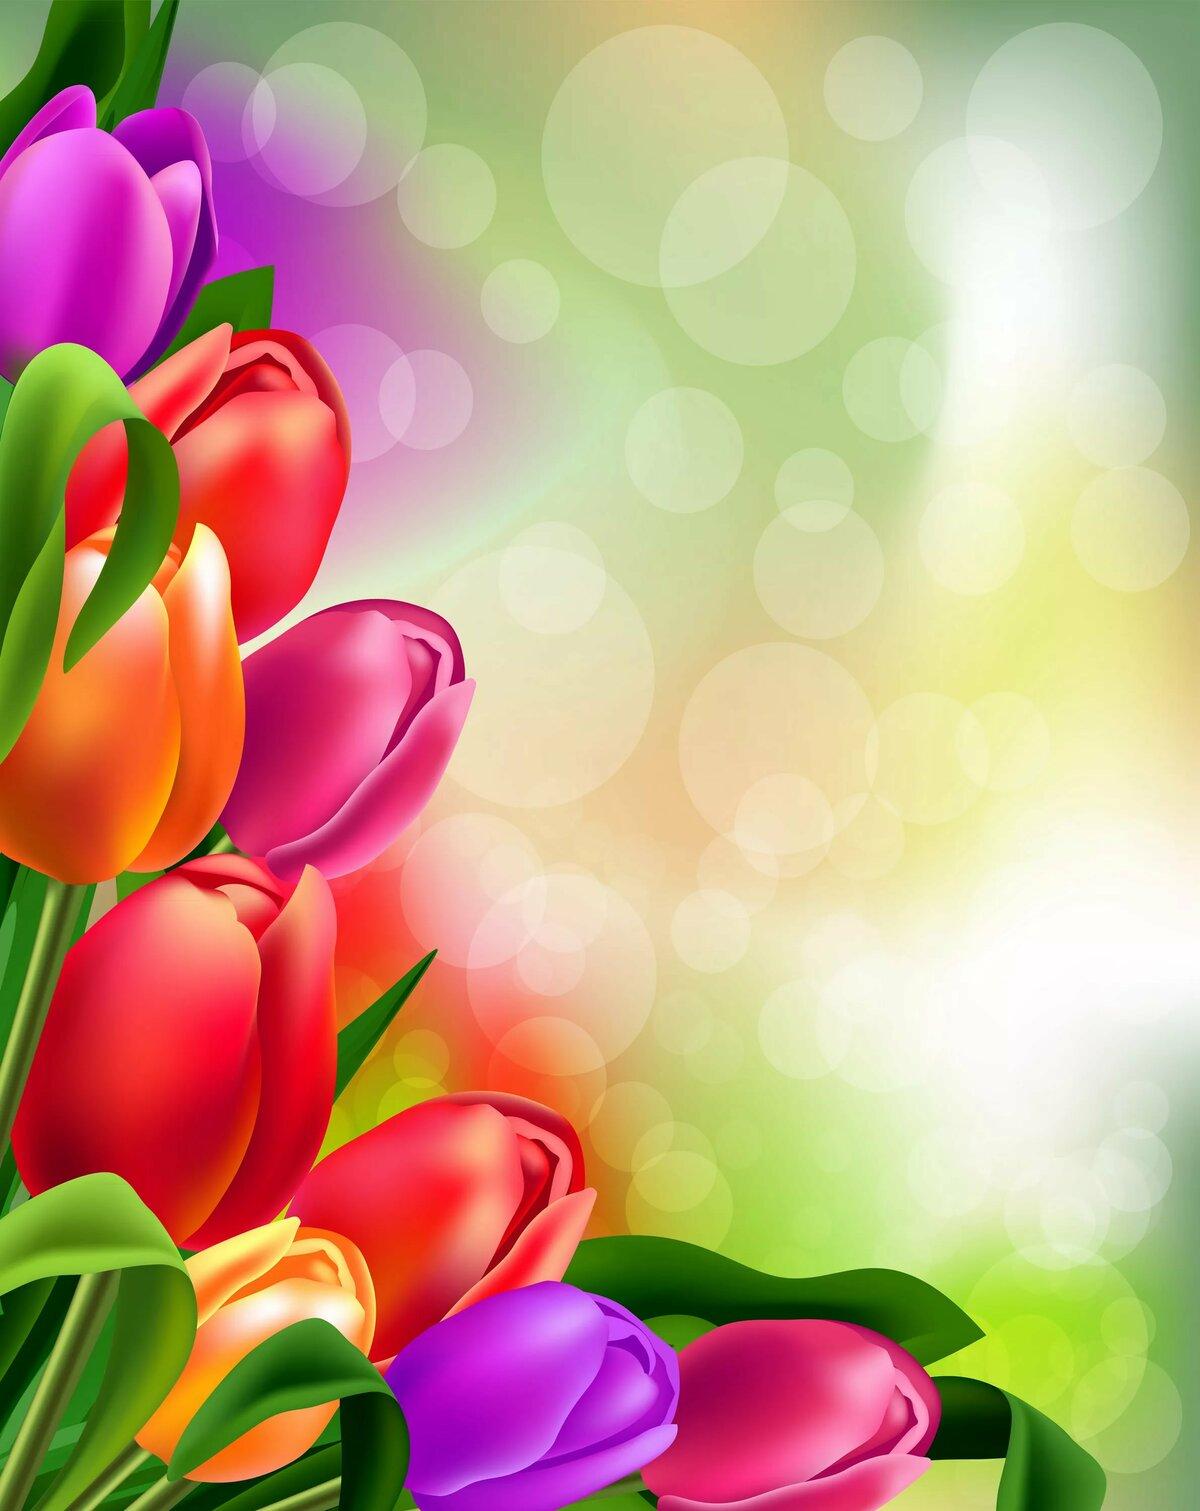 Фоновая картинка для поздравления с 8 марта